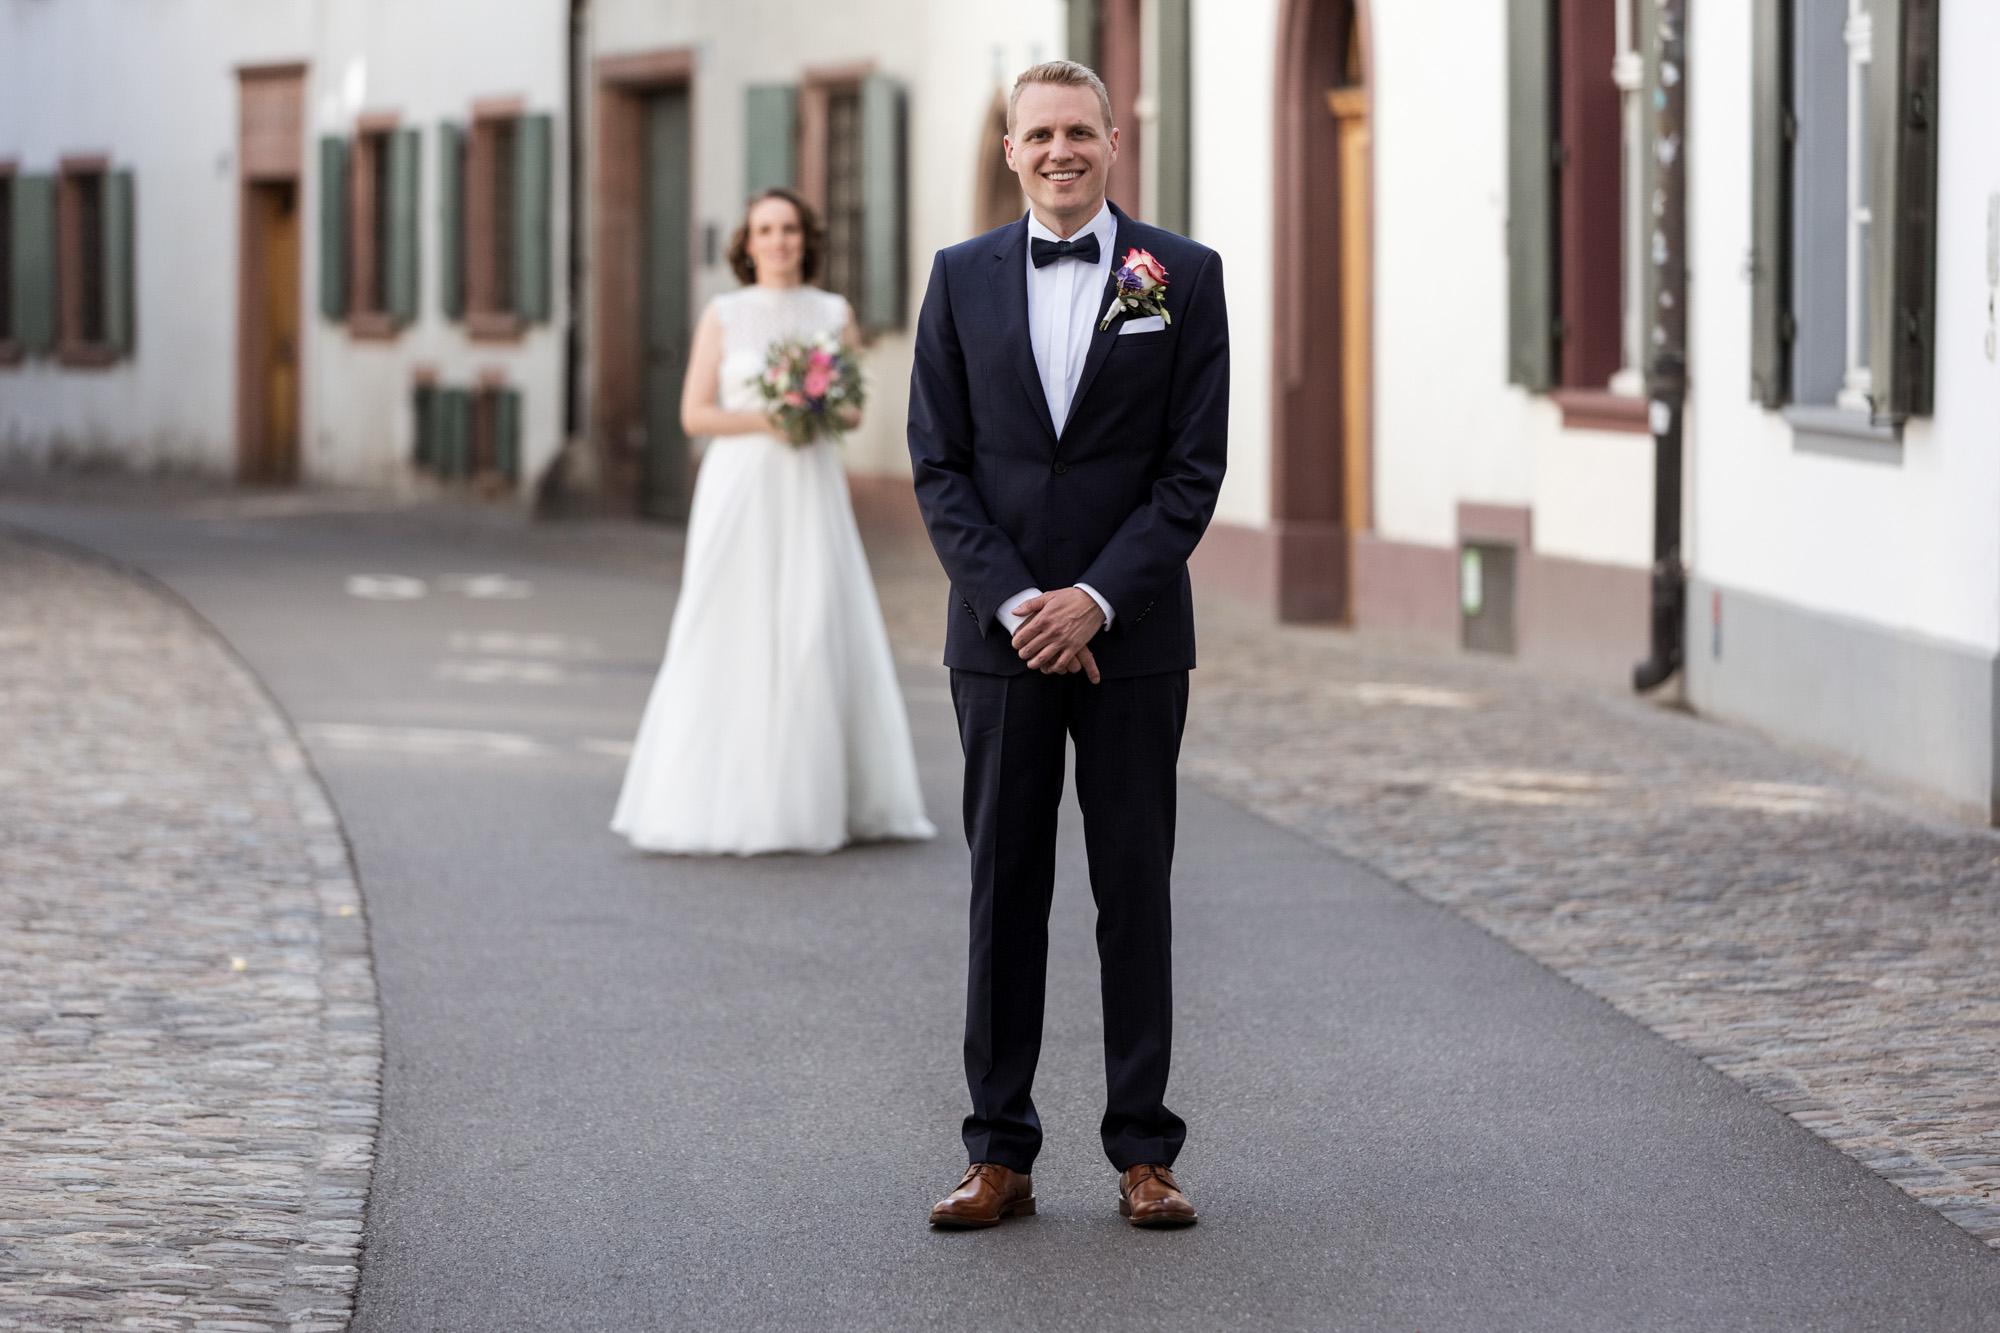 First Look des Brautpaares - Hochzeit in Basel - Hochzeitsfotografen Basel